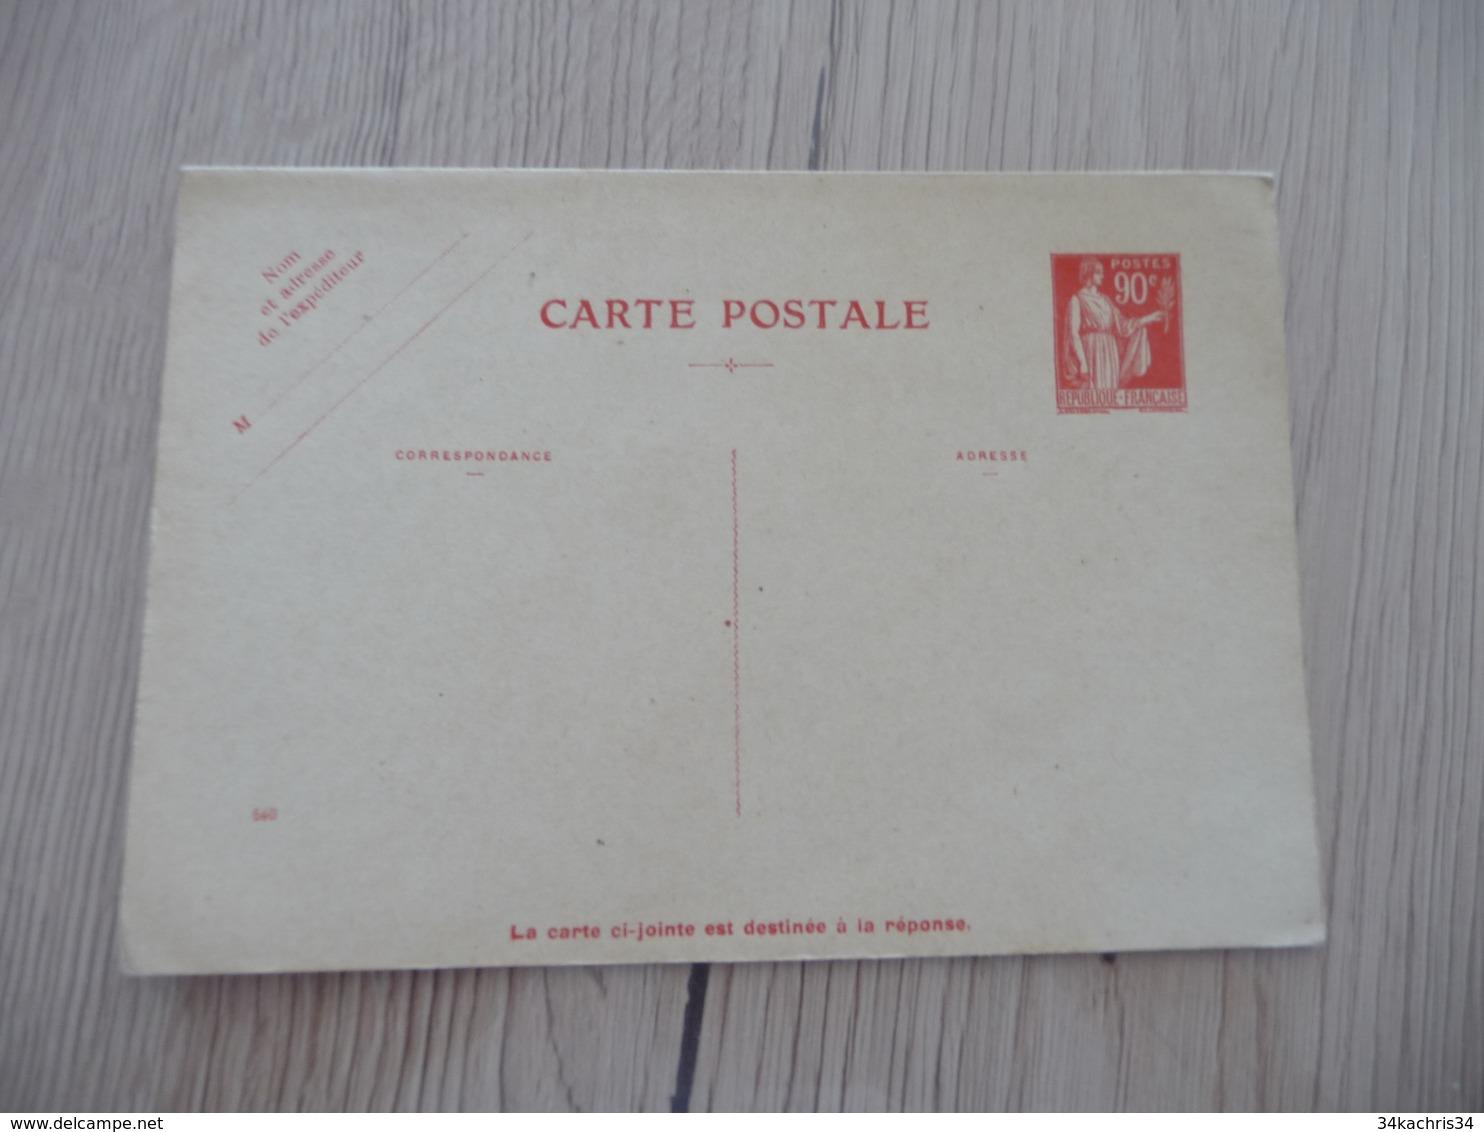 Entier France Vierge Type Paix 90 C + 90 C Rouge Carte Postale En Réponse Payée YT 285 CPRP1 Date 540 Côte - Standard- Und TSC-AK (vor 1995)